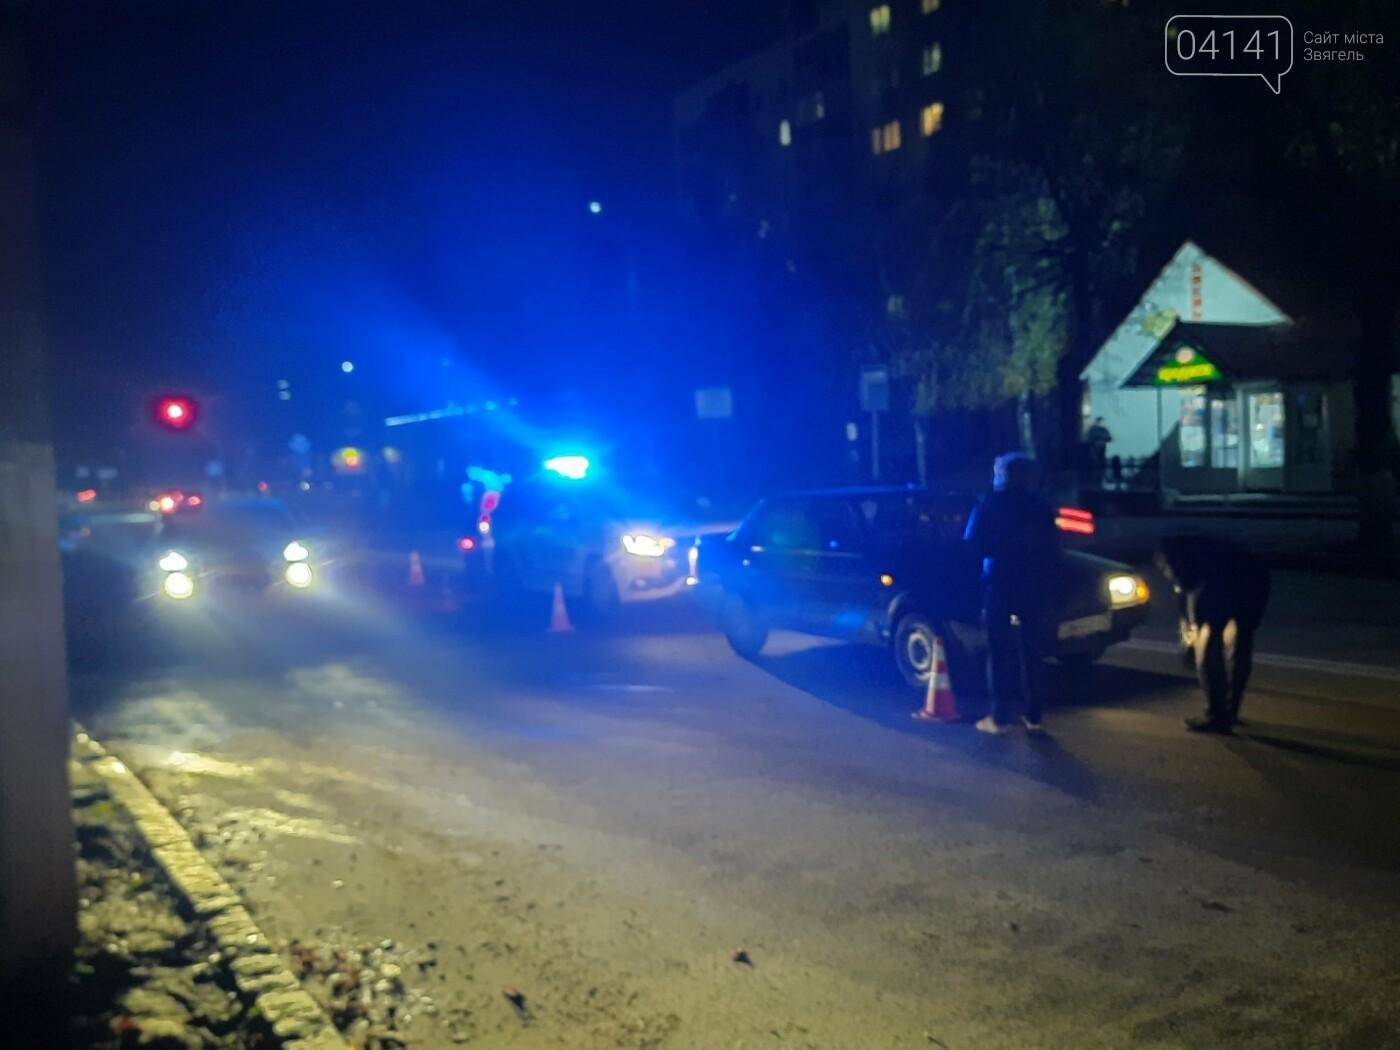 У Новограді жінка потрапила під колеса авто: Вона перебігала дорогу поза пішохідним переходом (ФОТО/ВІДЕО), фото-3